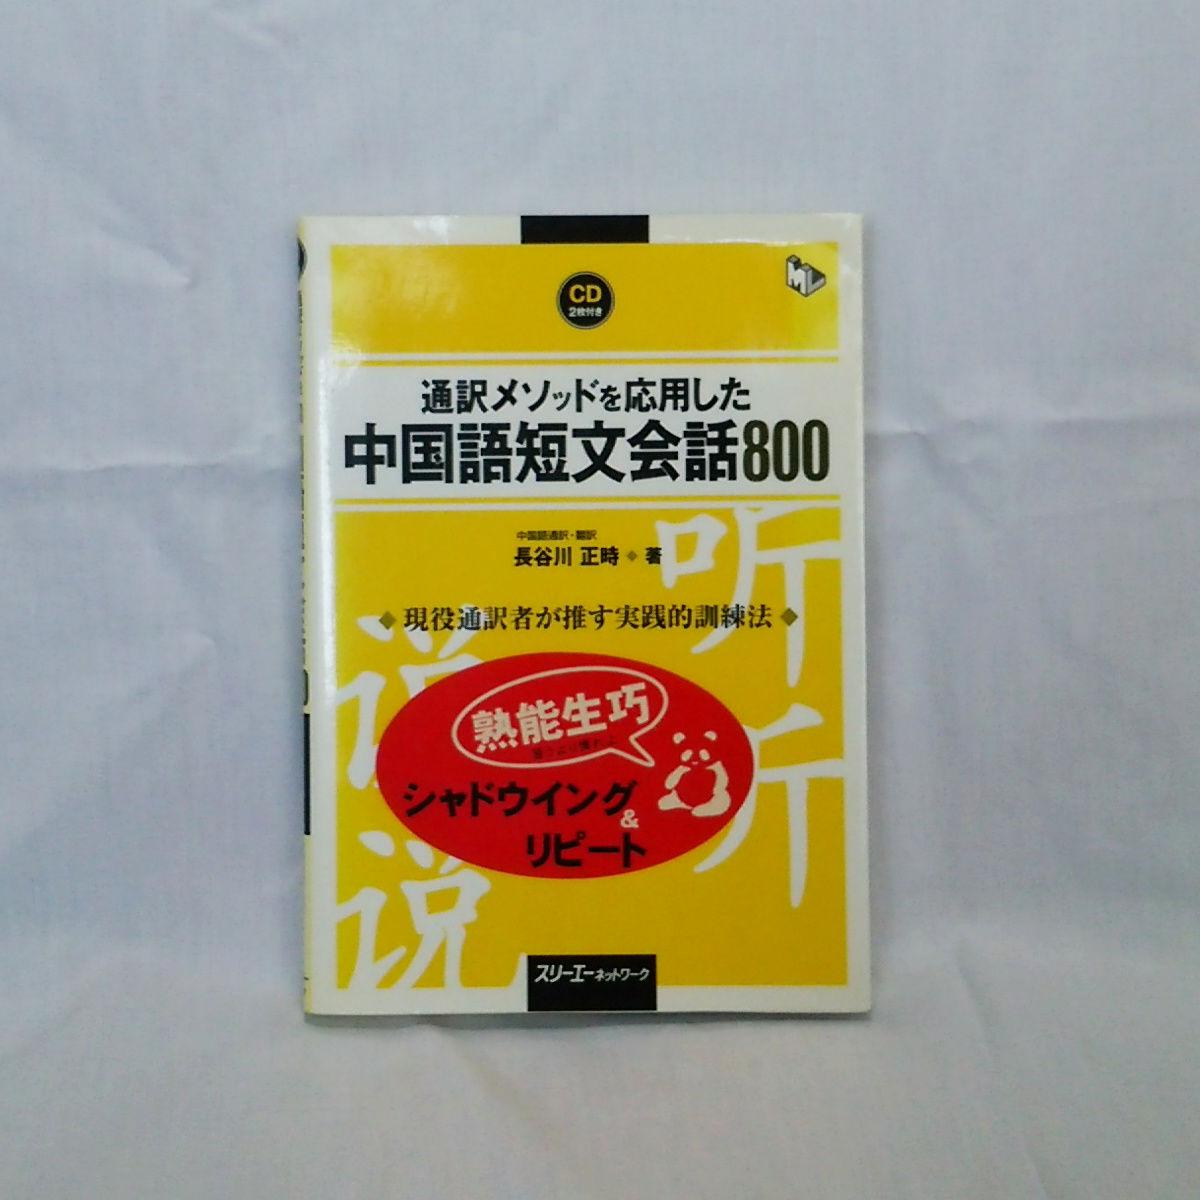 【古書】『通訳メソッドを応用した中国語単文会話800』長谷川正時(著)